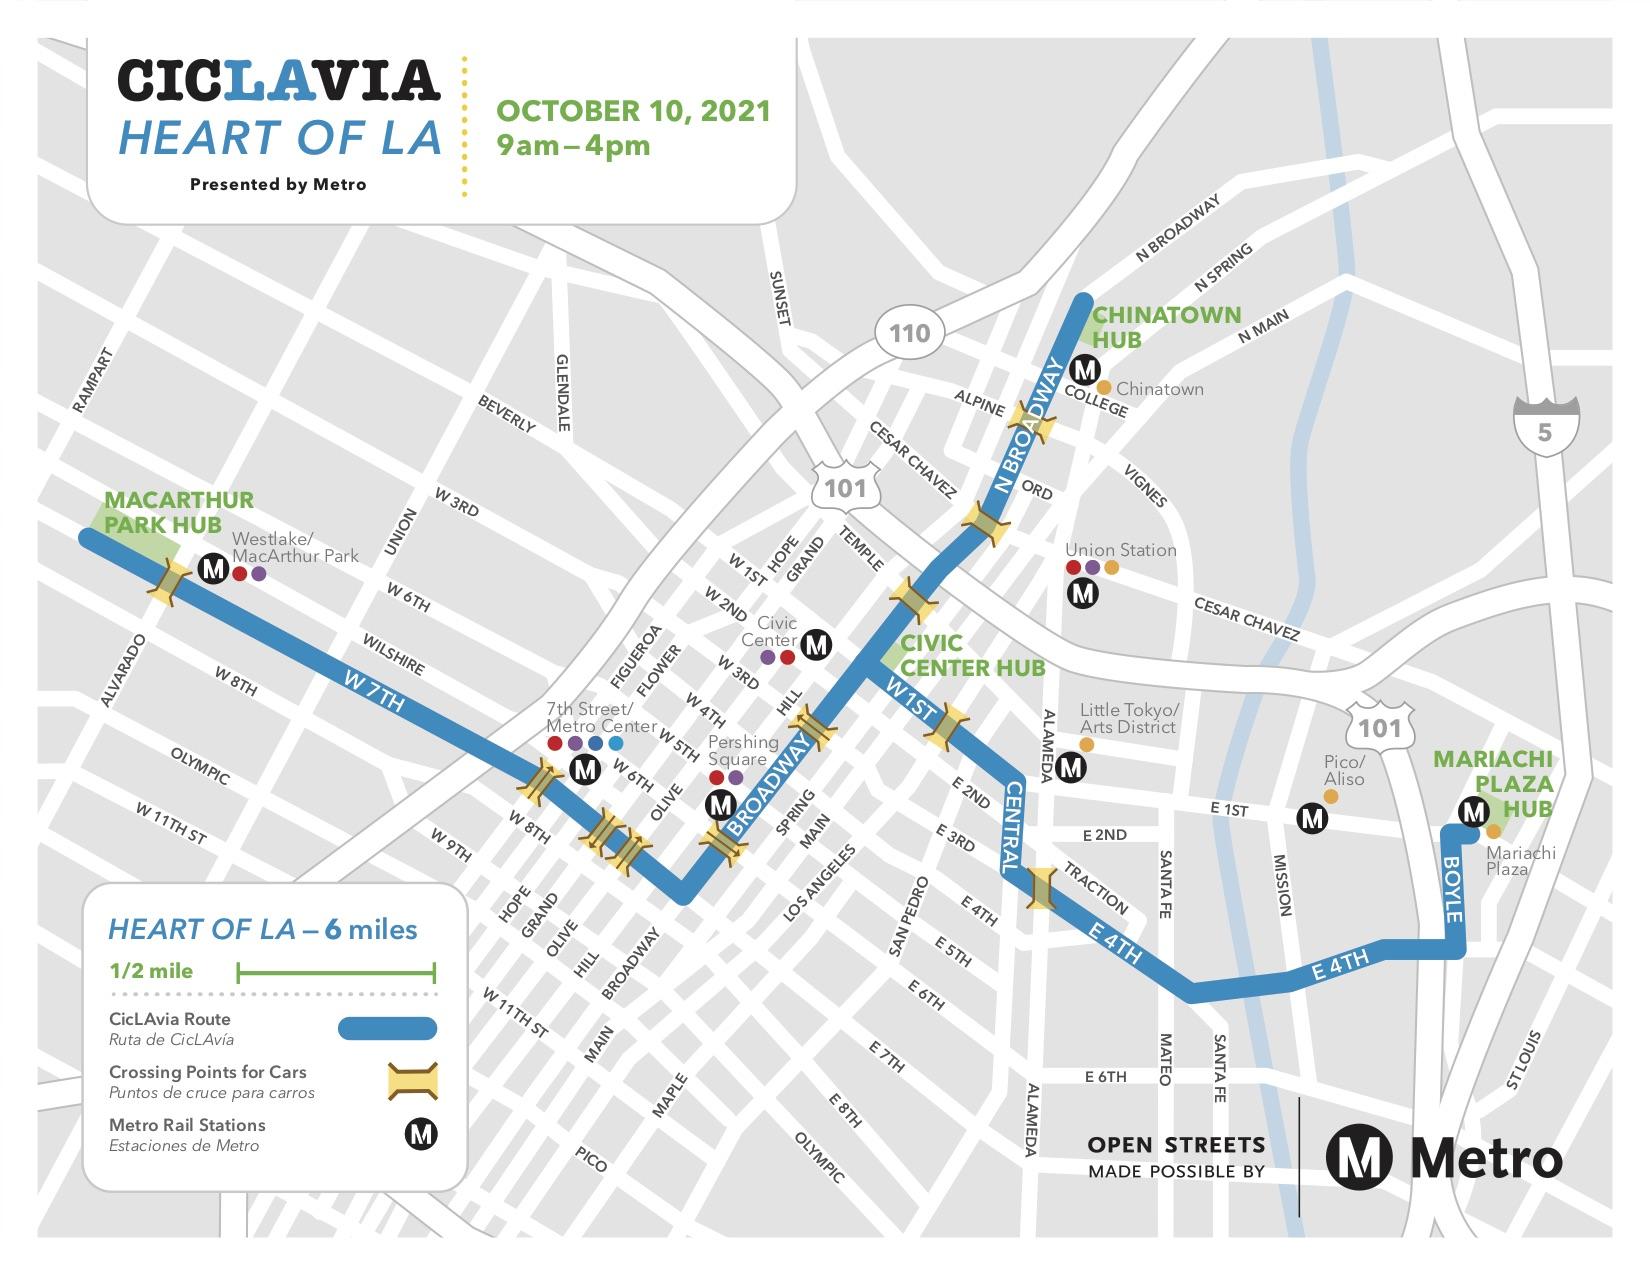 CicLAvia Heart Of LA Map